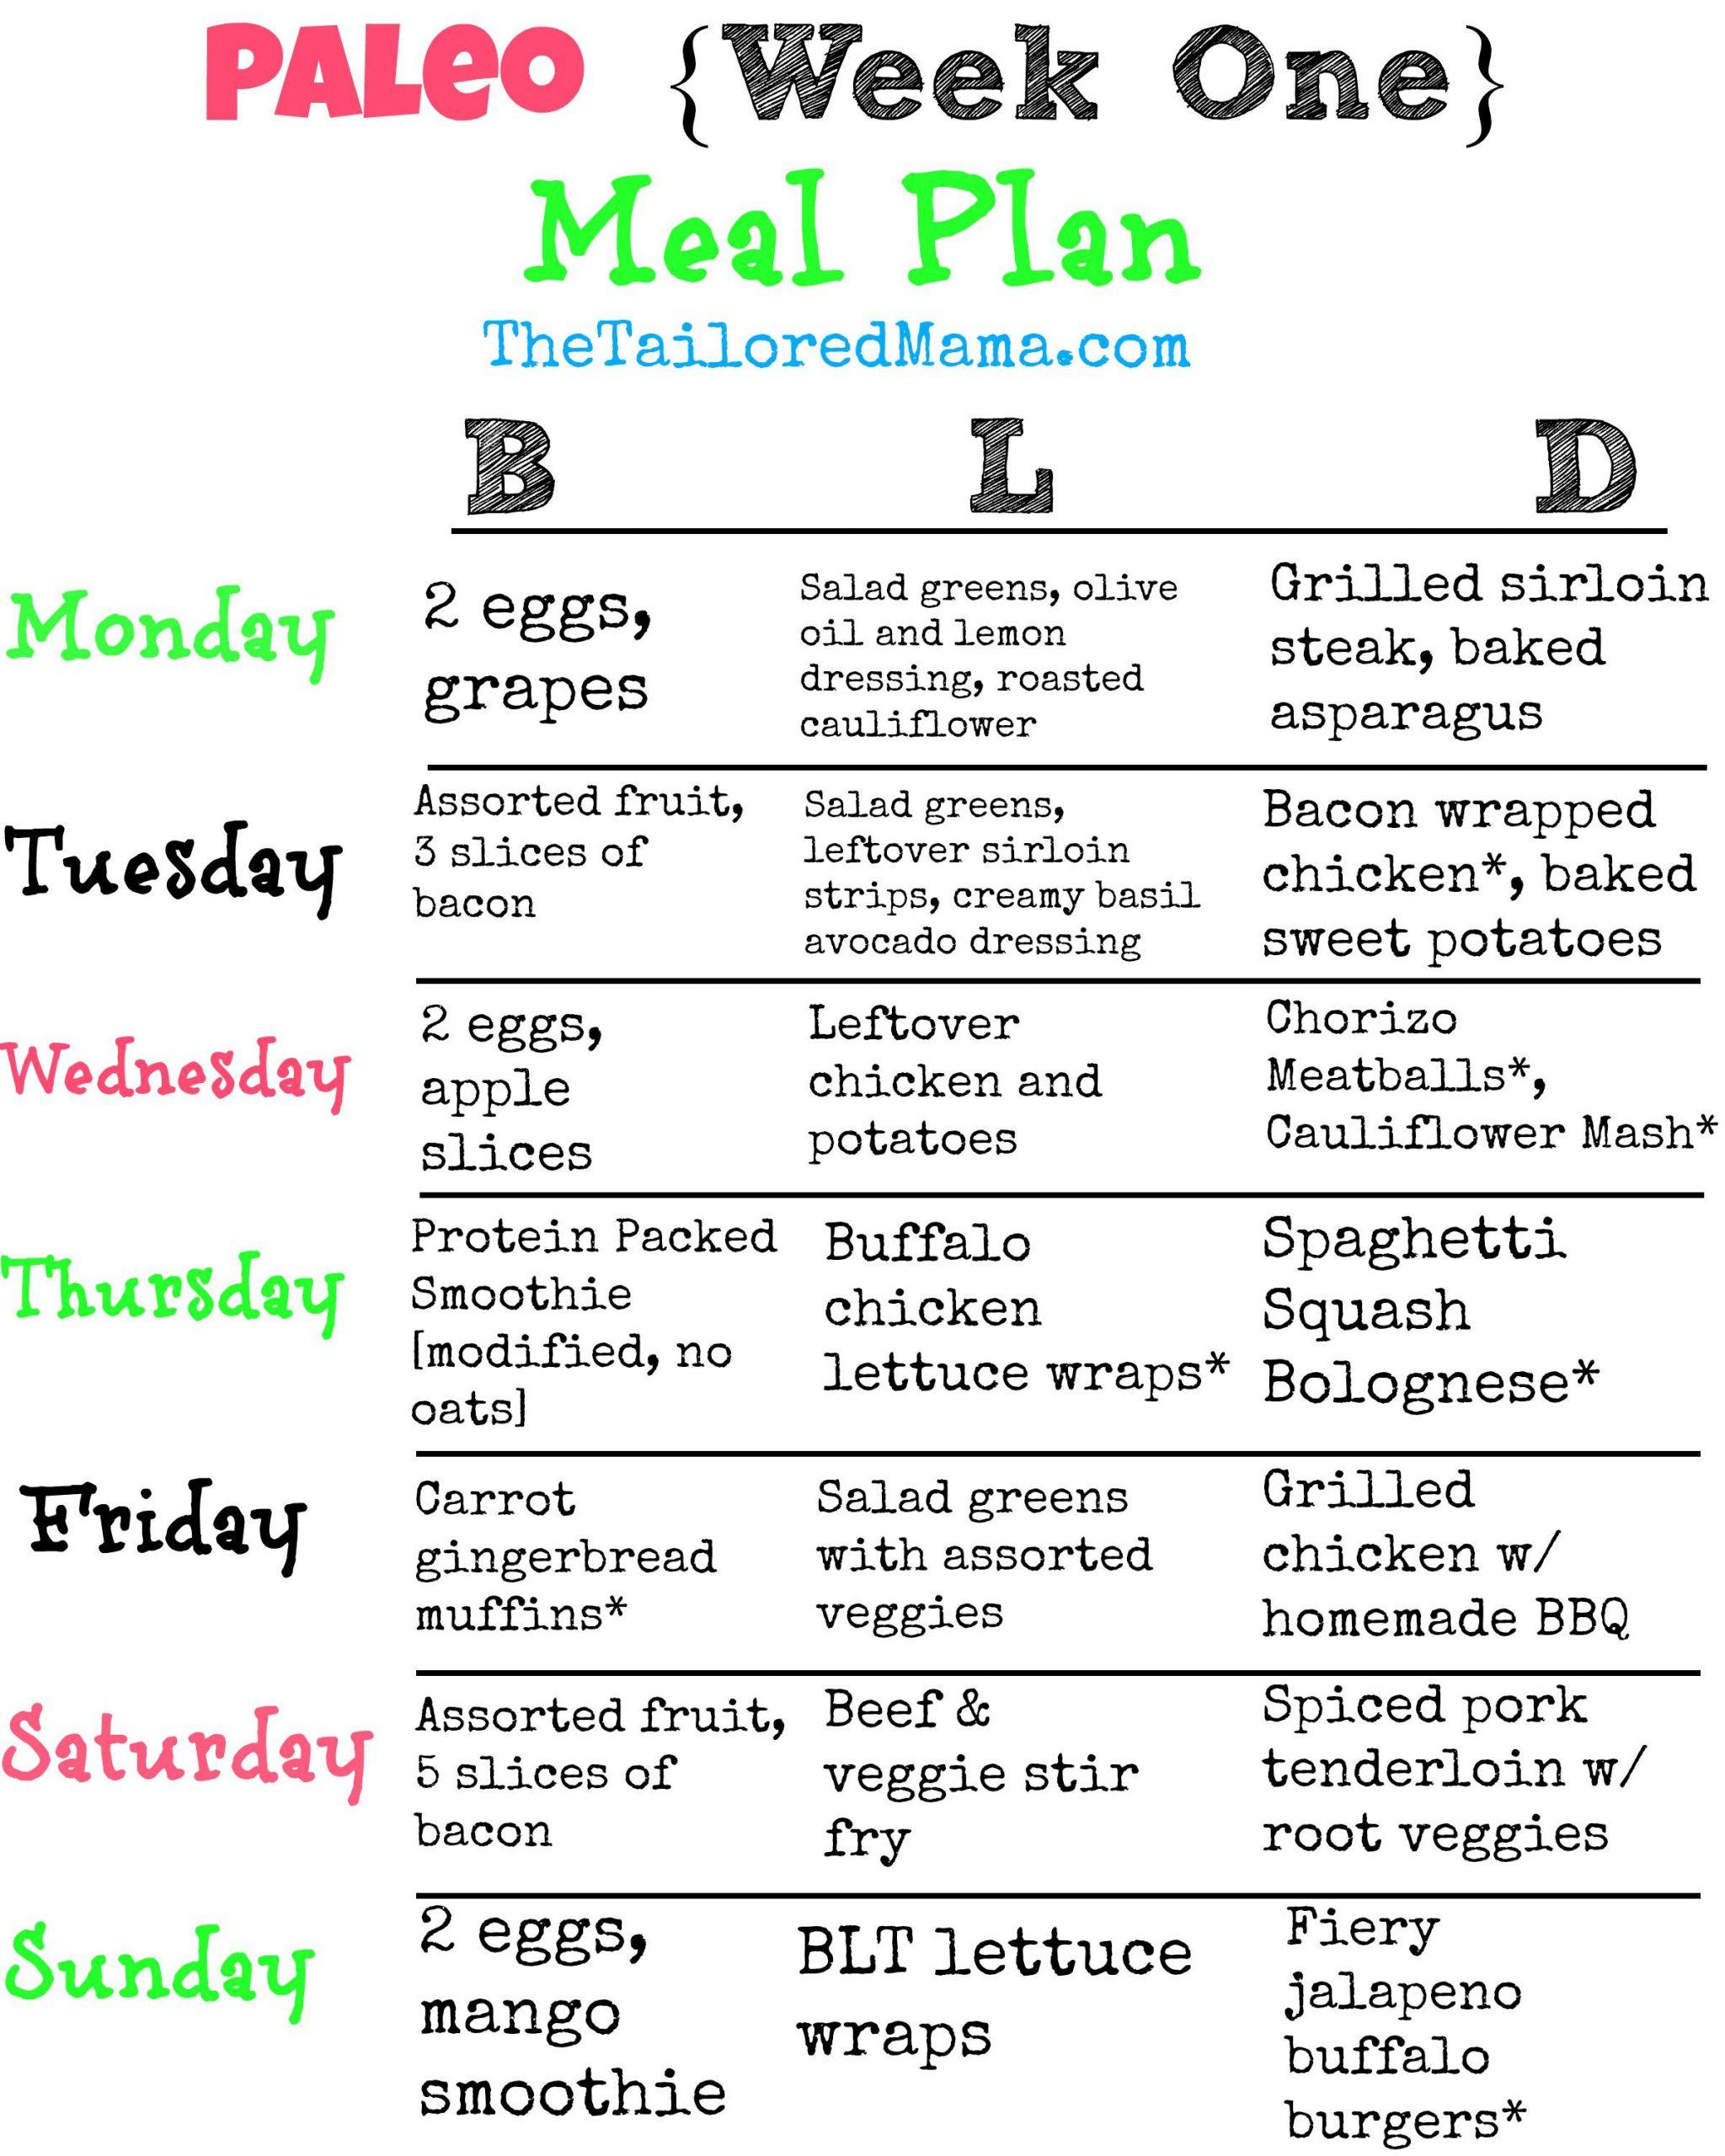 Keto Diet For Beginners Week 1 Meal Plan Easy  Paleo Week e Meal Plan